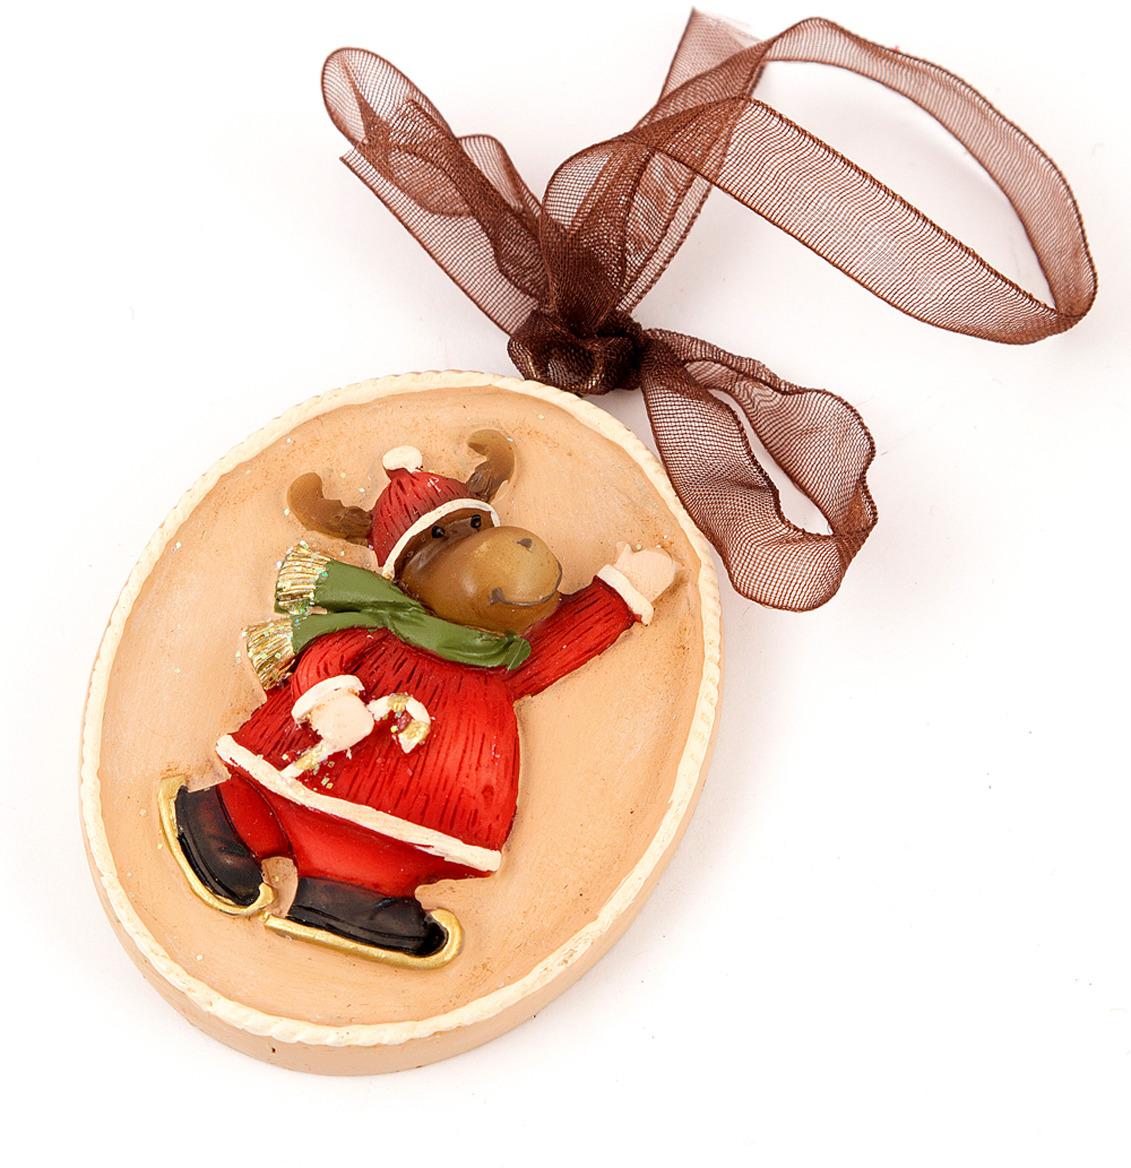 Игрушка ёлочная Русские подарки Лосик, 6 х 6 см игрушка ёлочная русские подарки колокольчик 8 см